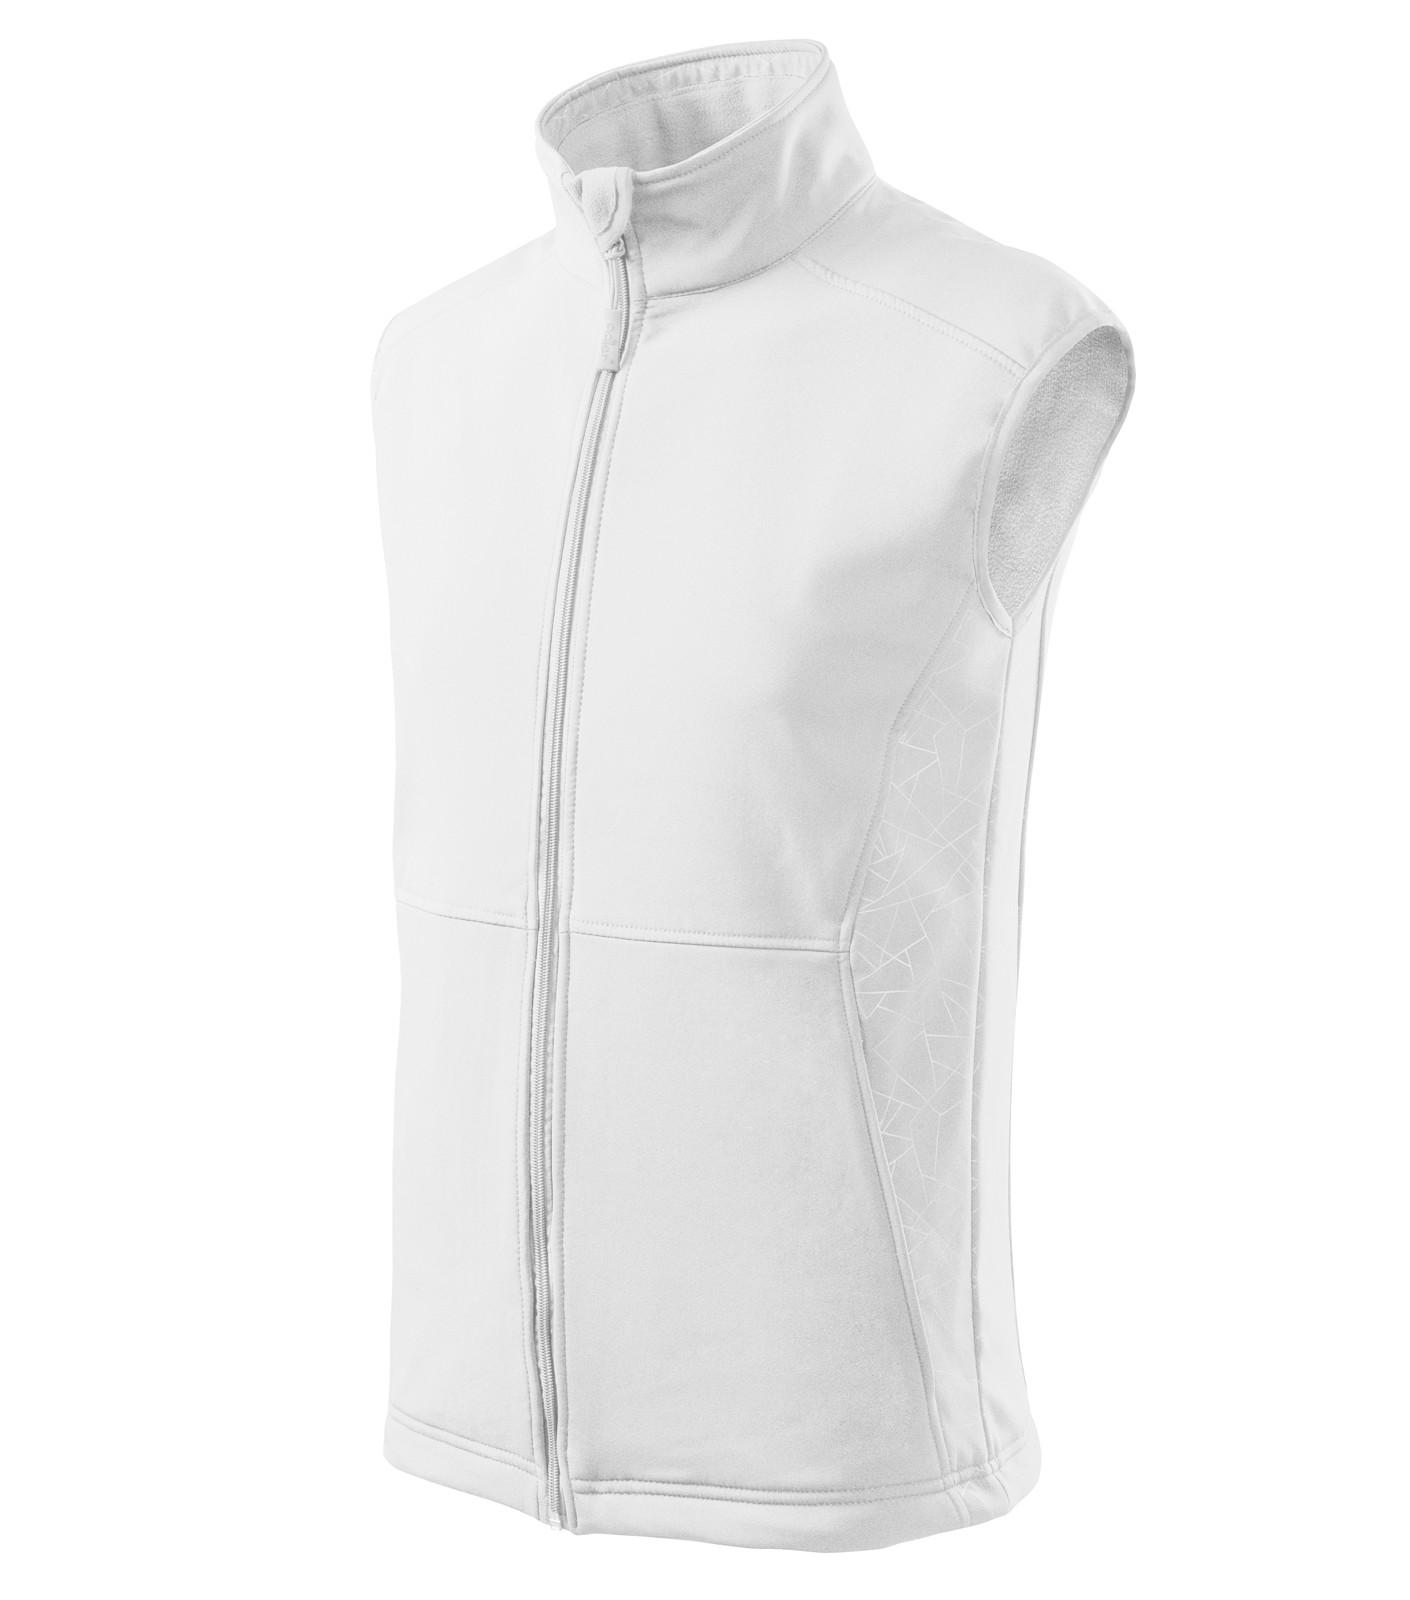 Softshell Vest men's Malfini Vision - White / S